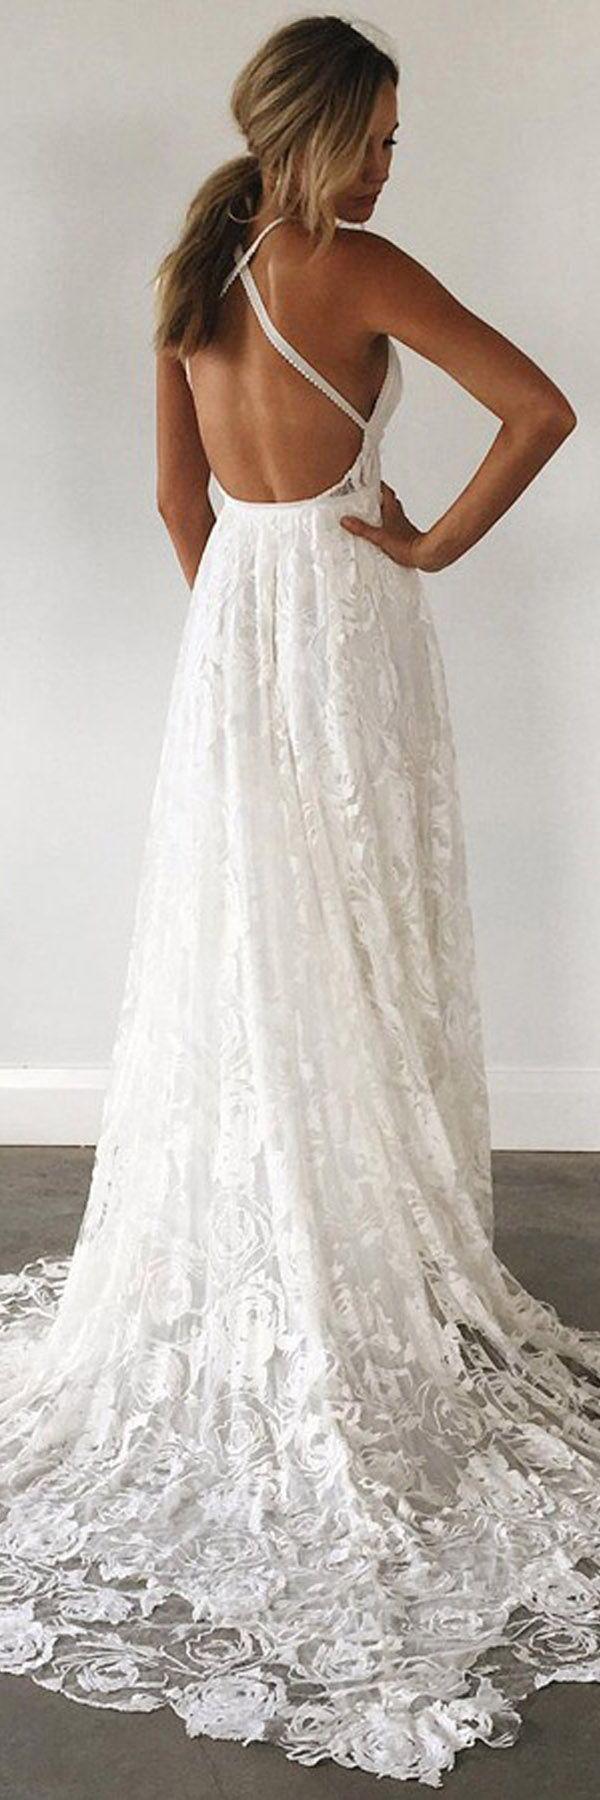 1503 besten Wedding Dresses Elegant Bilder auf Pinterest ...